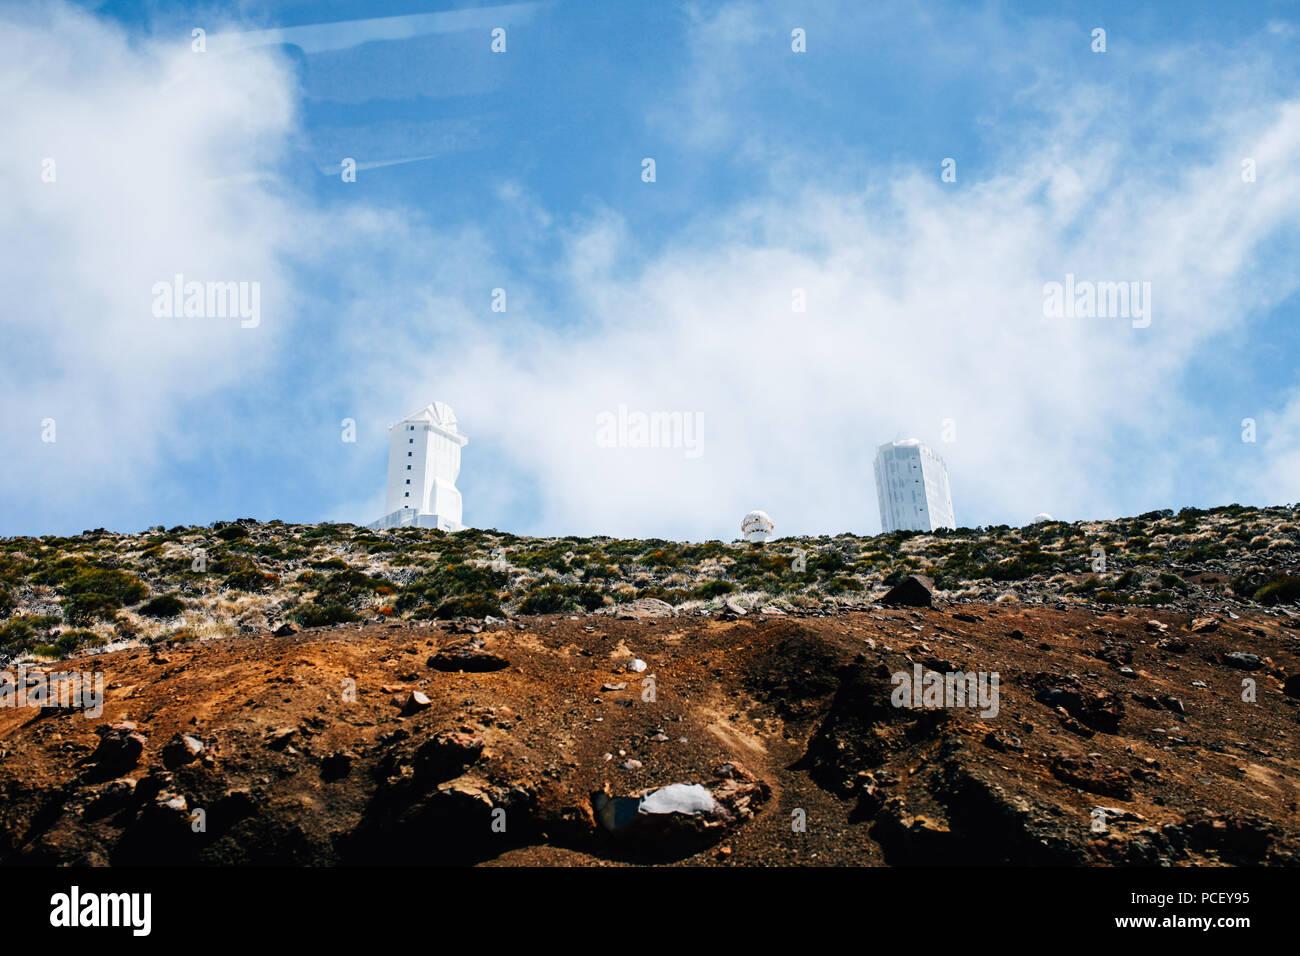 Teleskope instrumente und neue technologien max planck institut